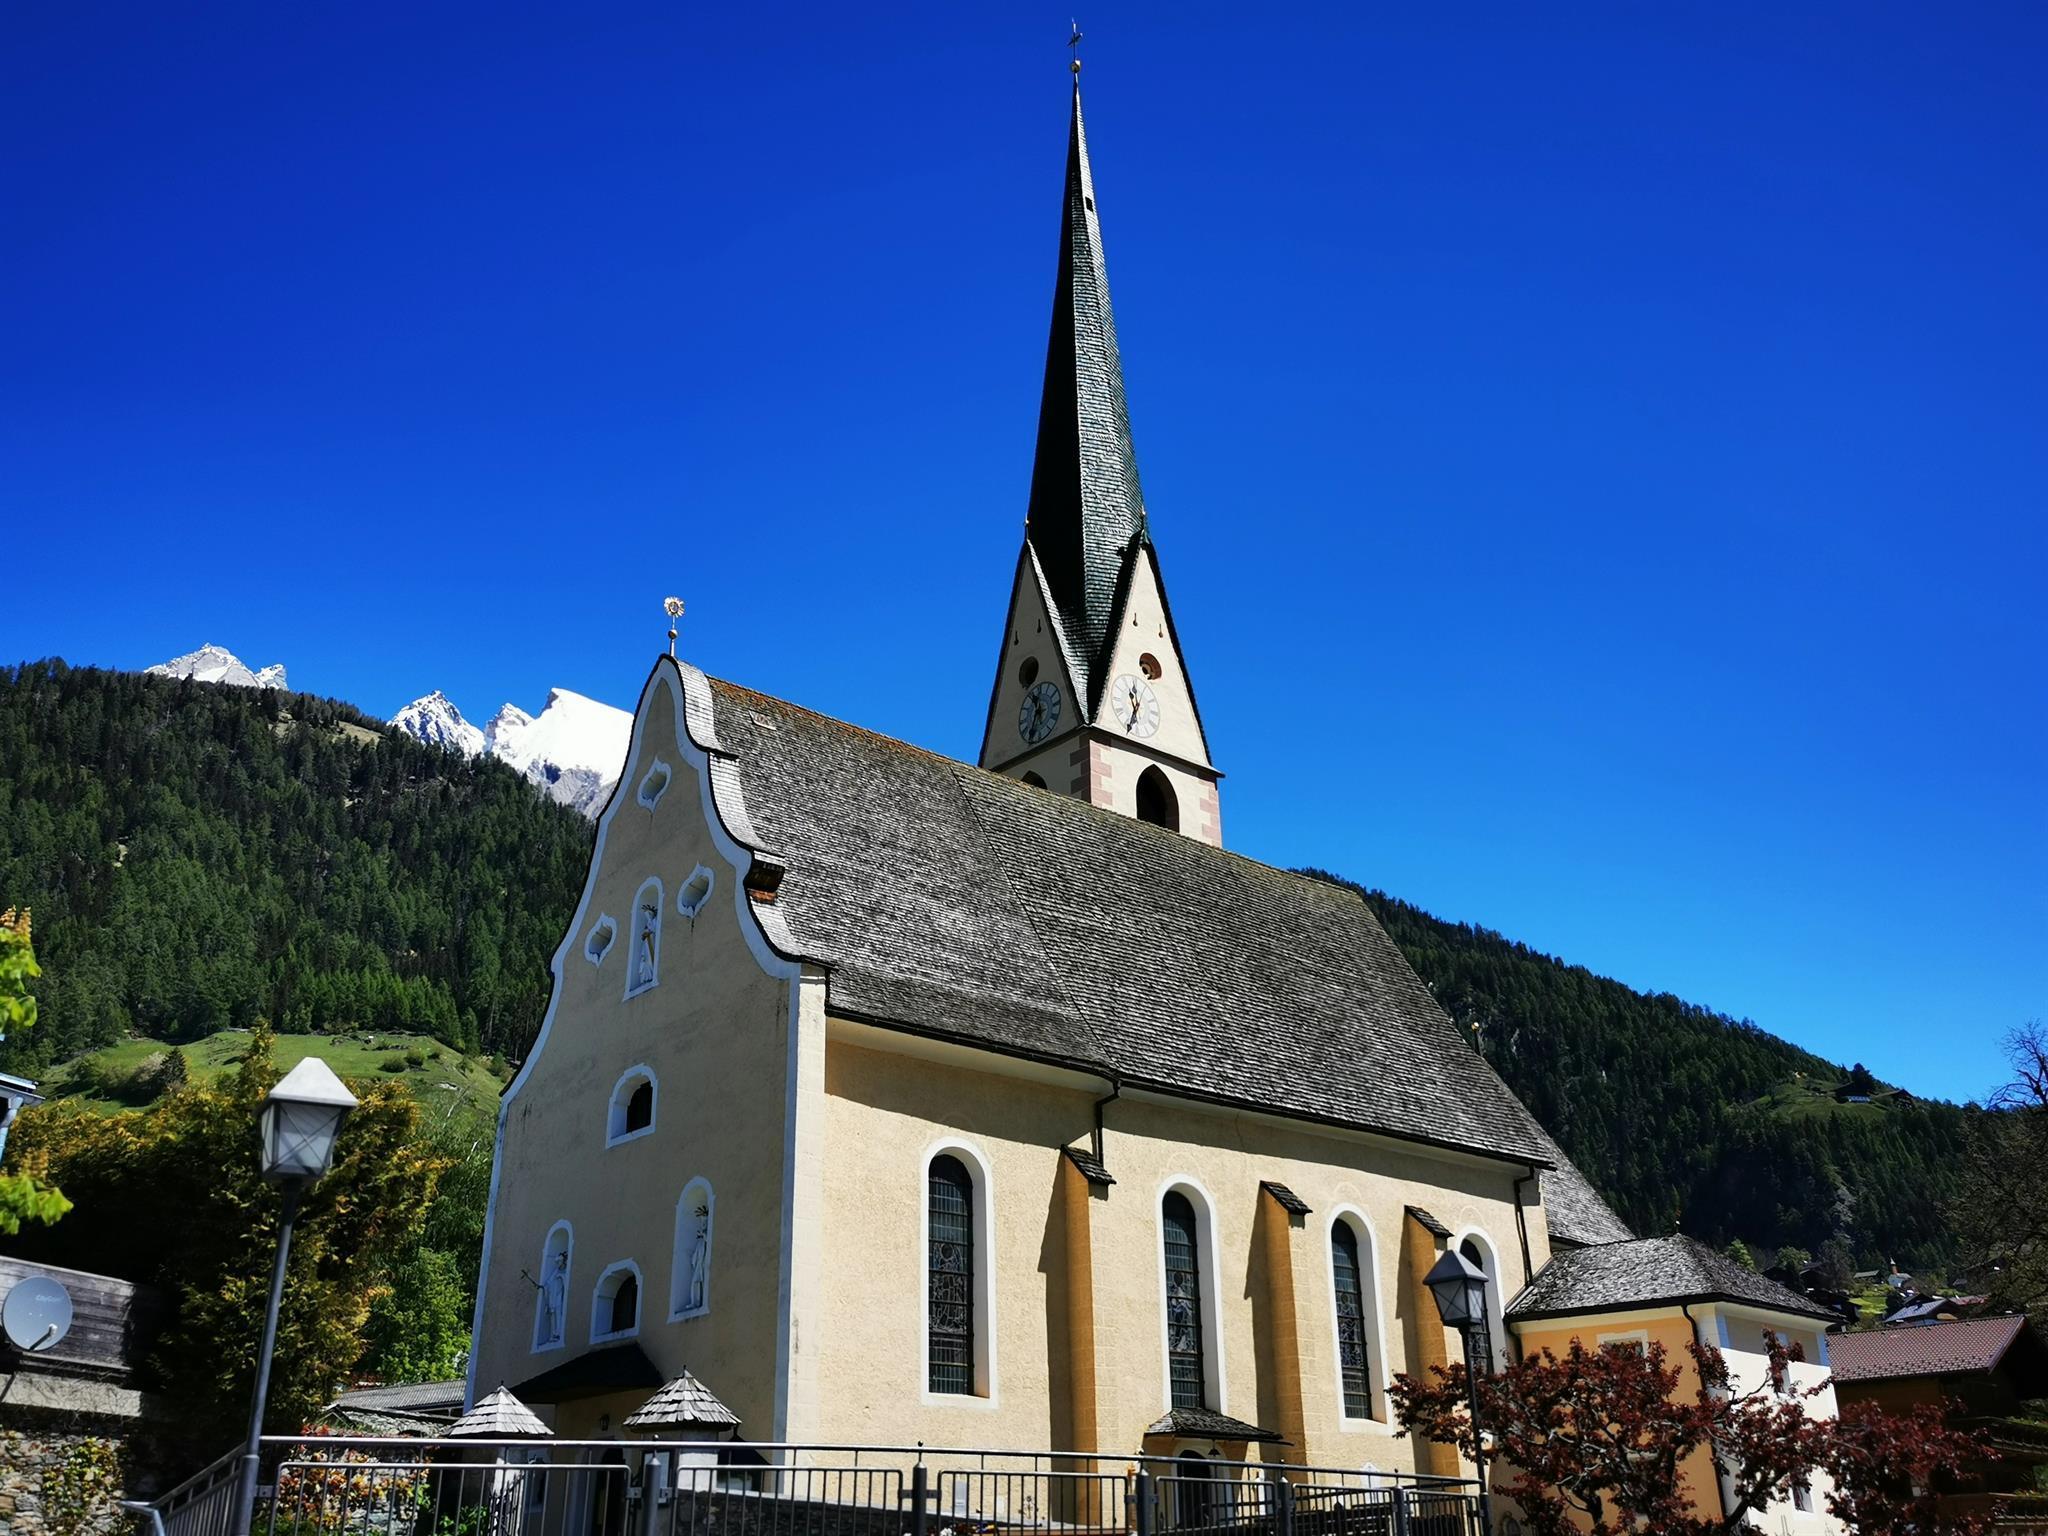 Pfarrkirche-St-Virgil.jpg